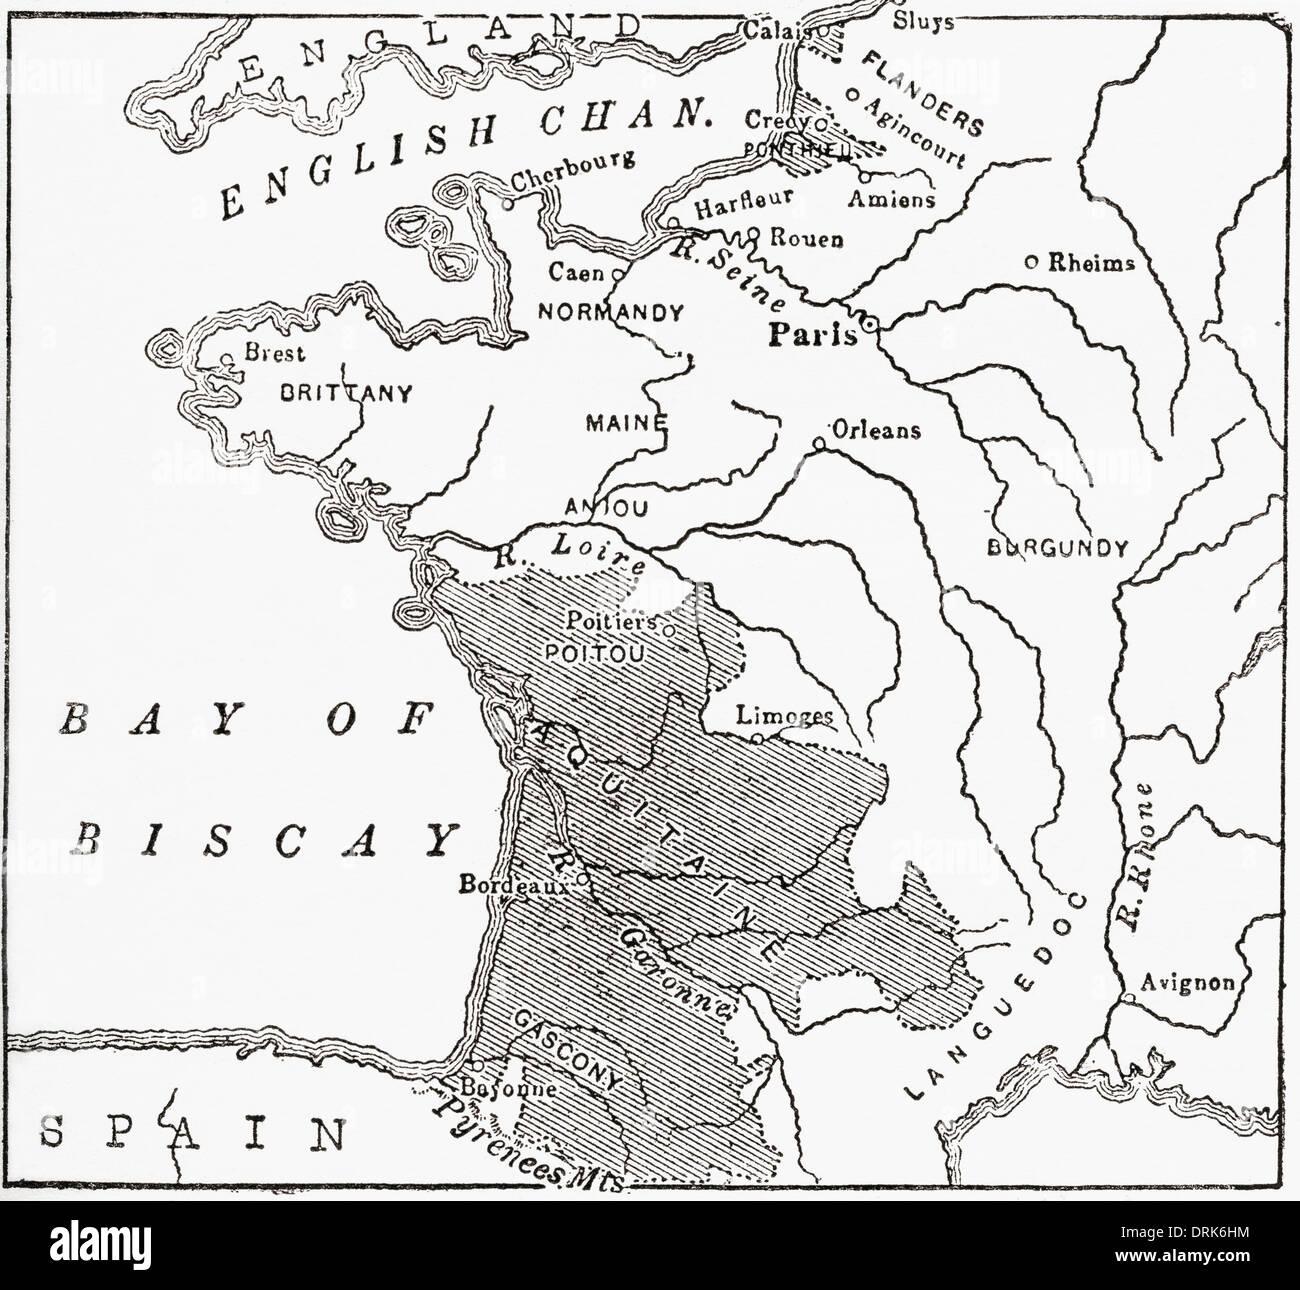 Mappa che mostra le signorie inglese in Francia al momento del Trattato di Brétigny, 1360. Immagini Stock